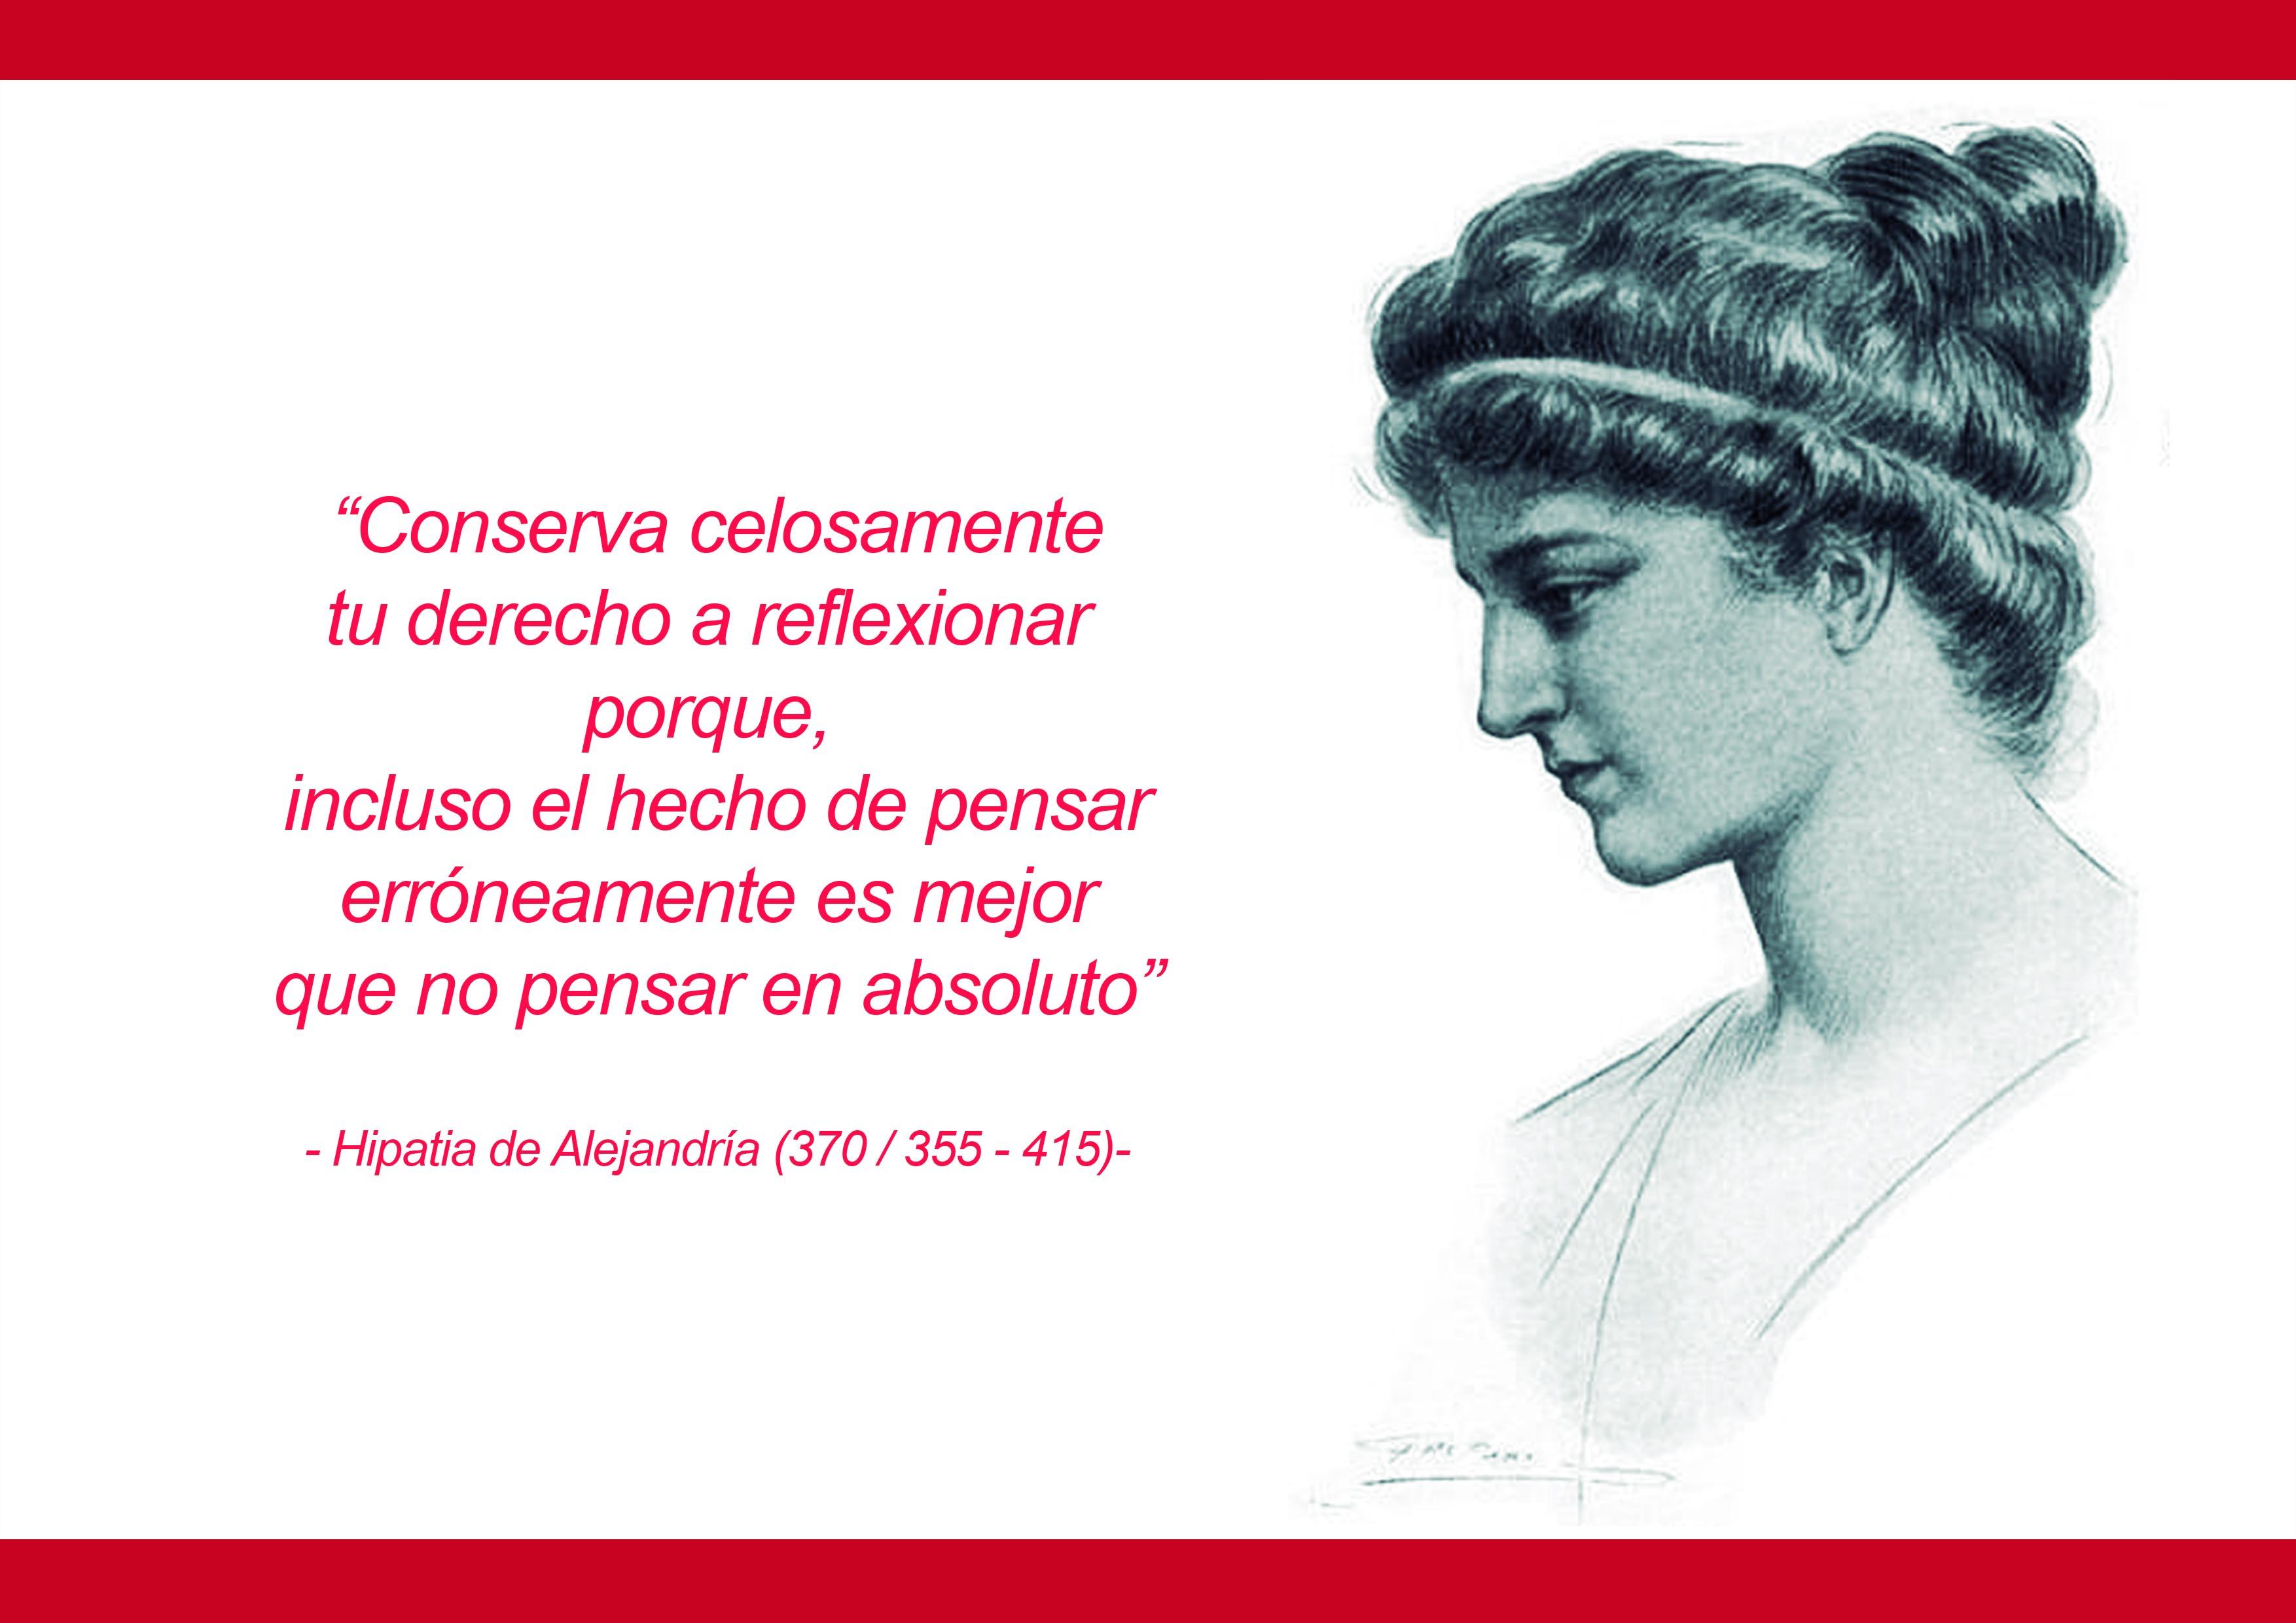 Mujeres E Historia Antigua Radio Cepoat El Canal De La Historia